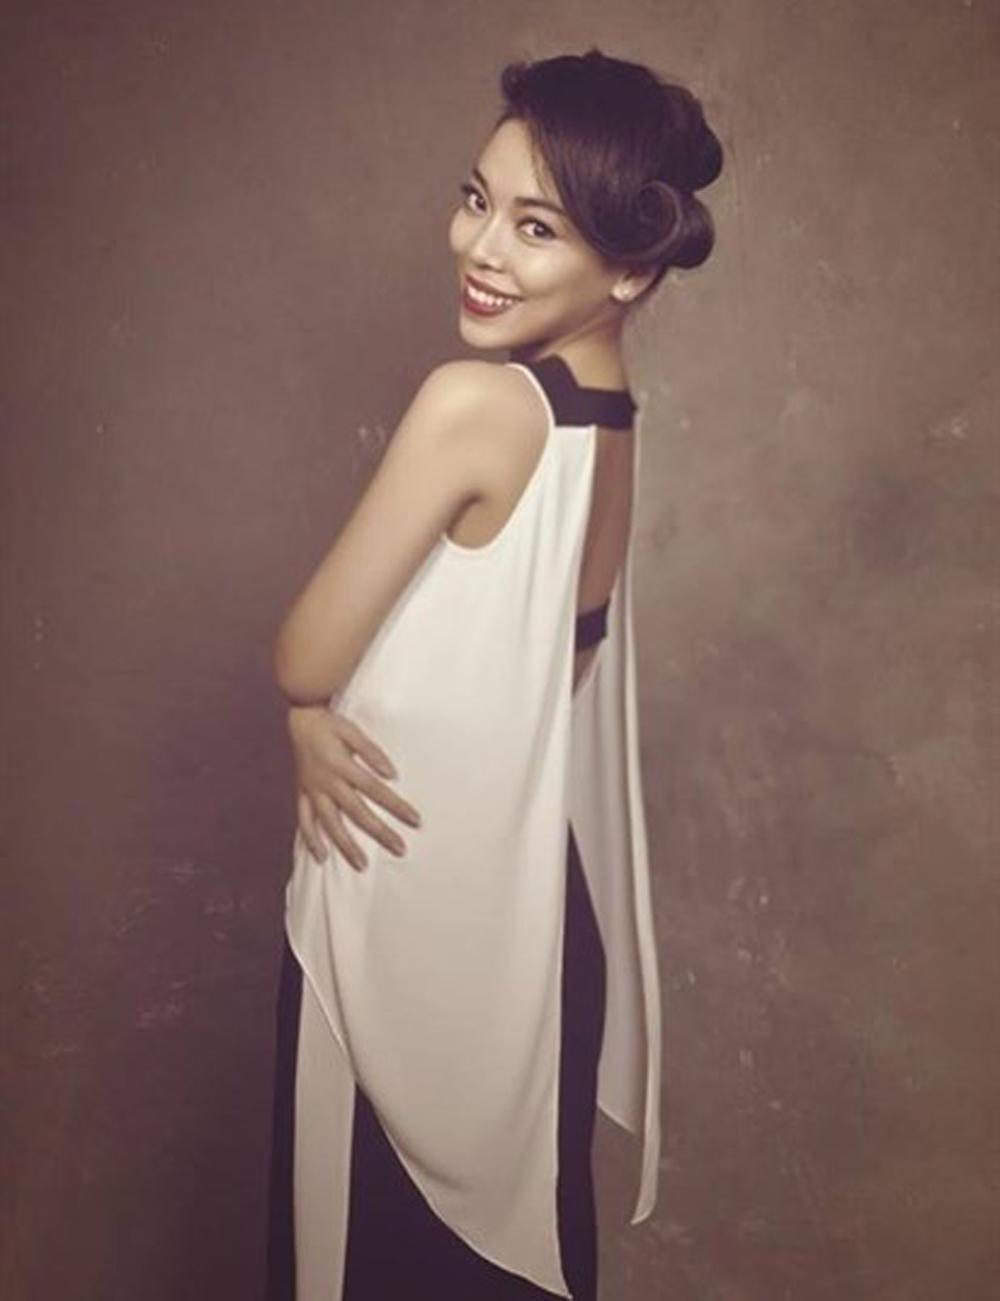 Vietnamese singer, ASEAN music festival, Pham Ha Linh, Vietnamese female singer,  largest music festival